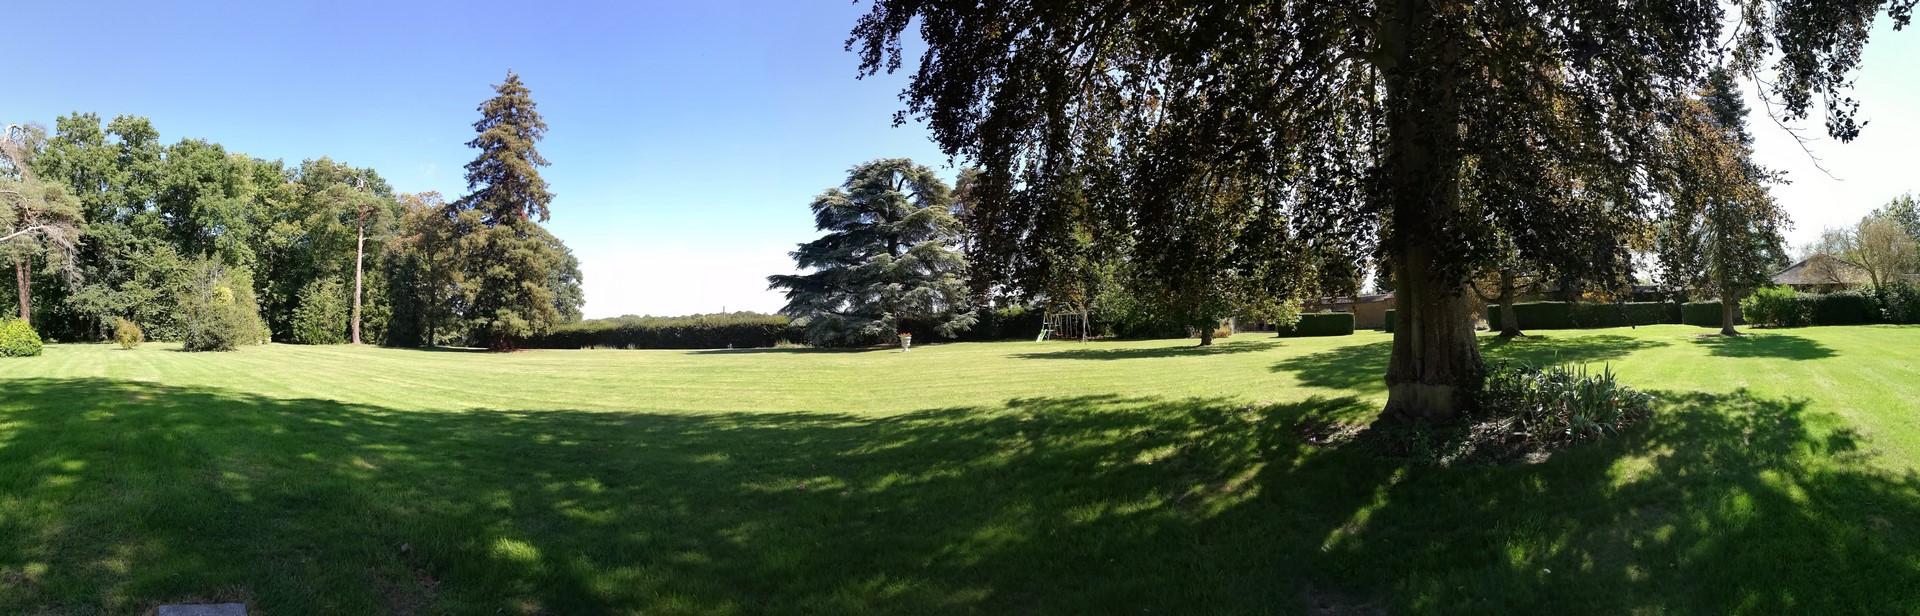 Panoramique du parc